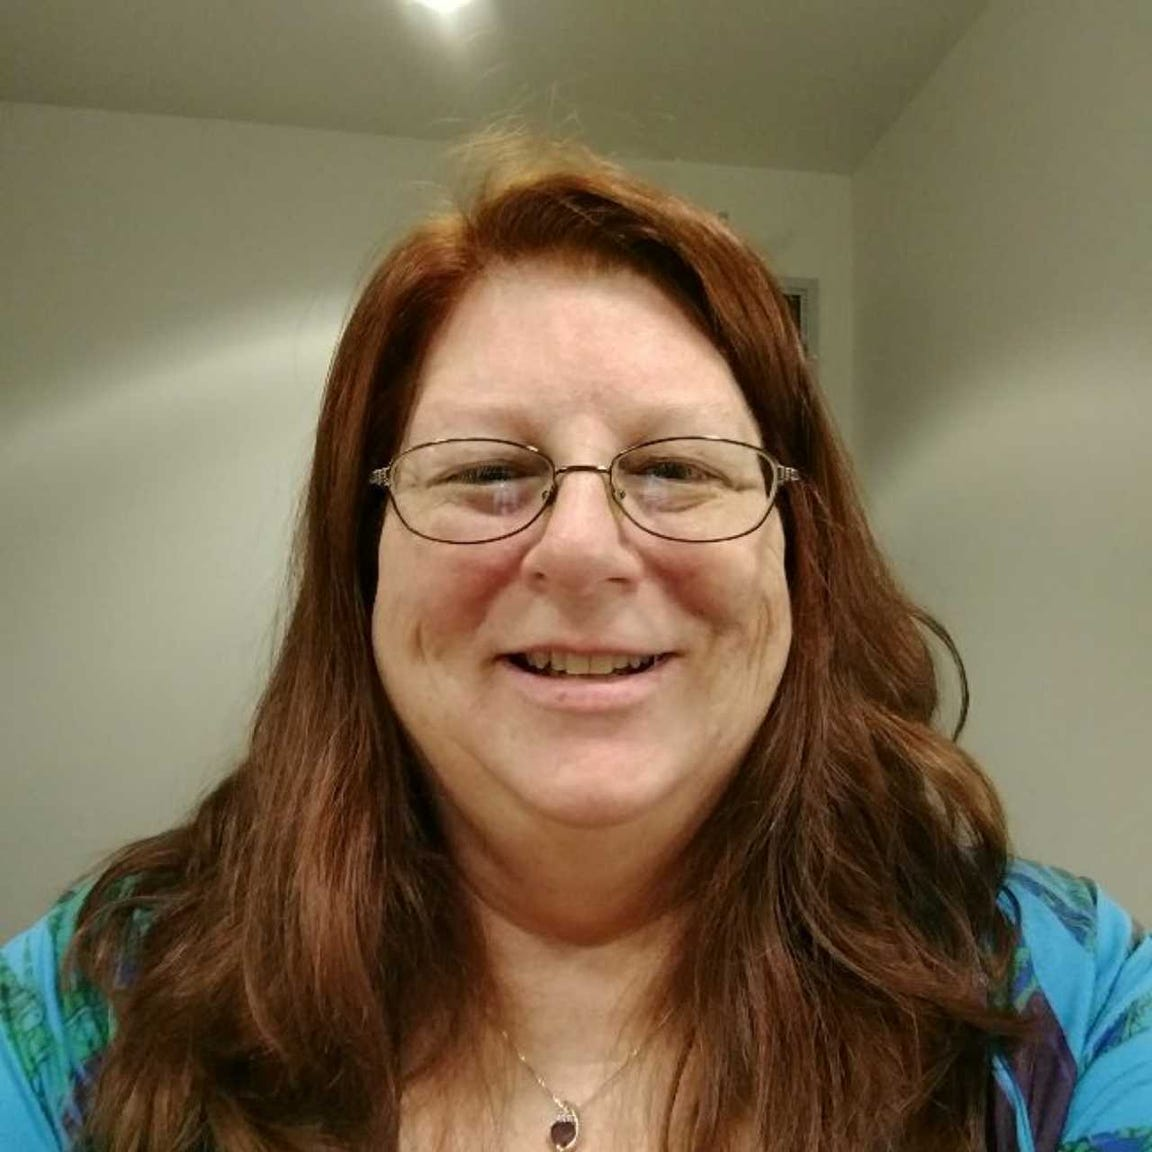 Patti Kelling